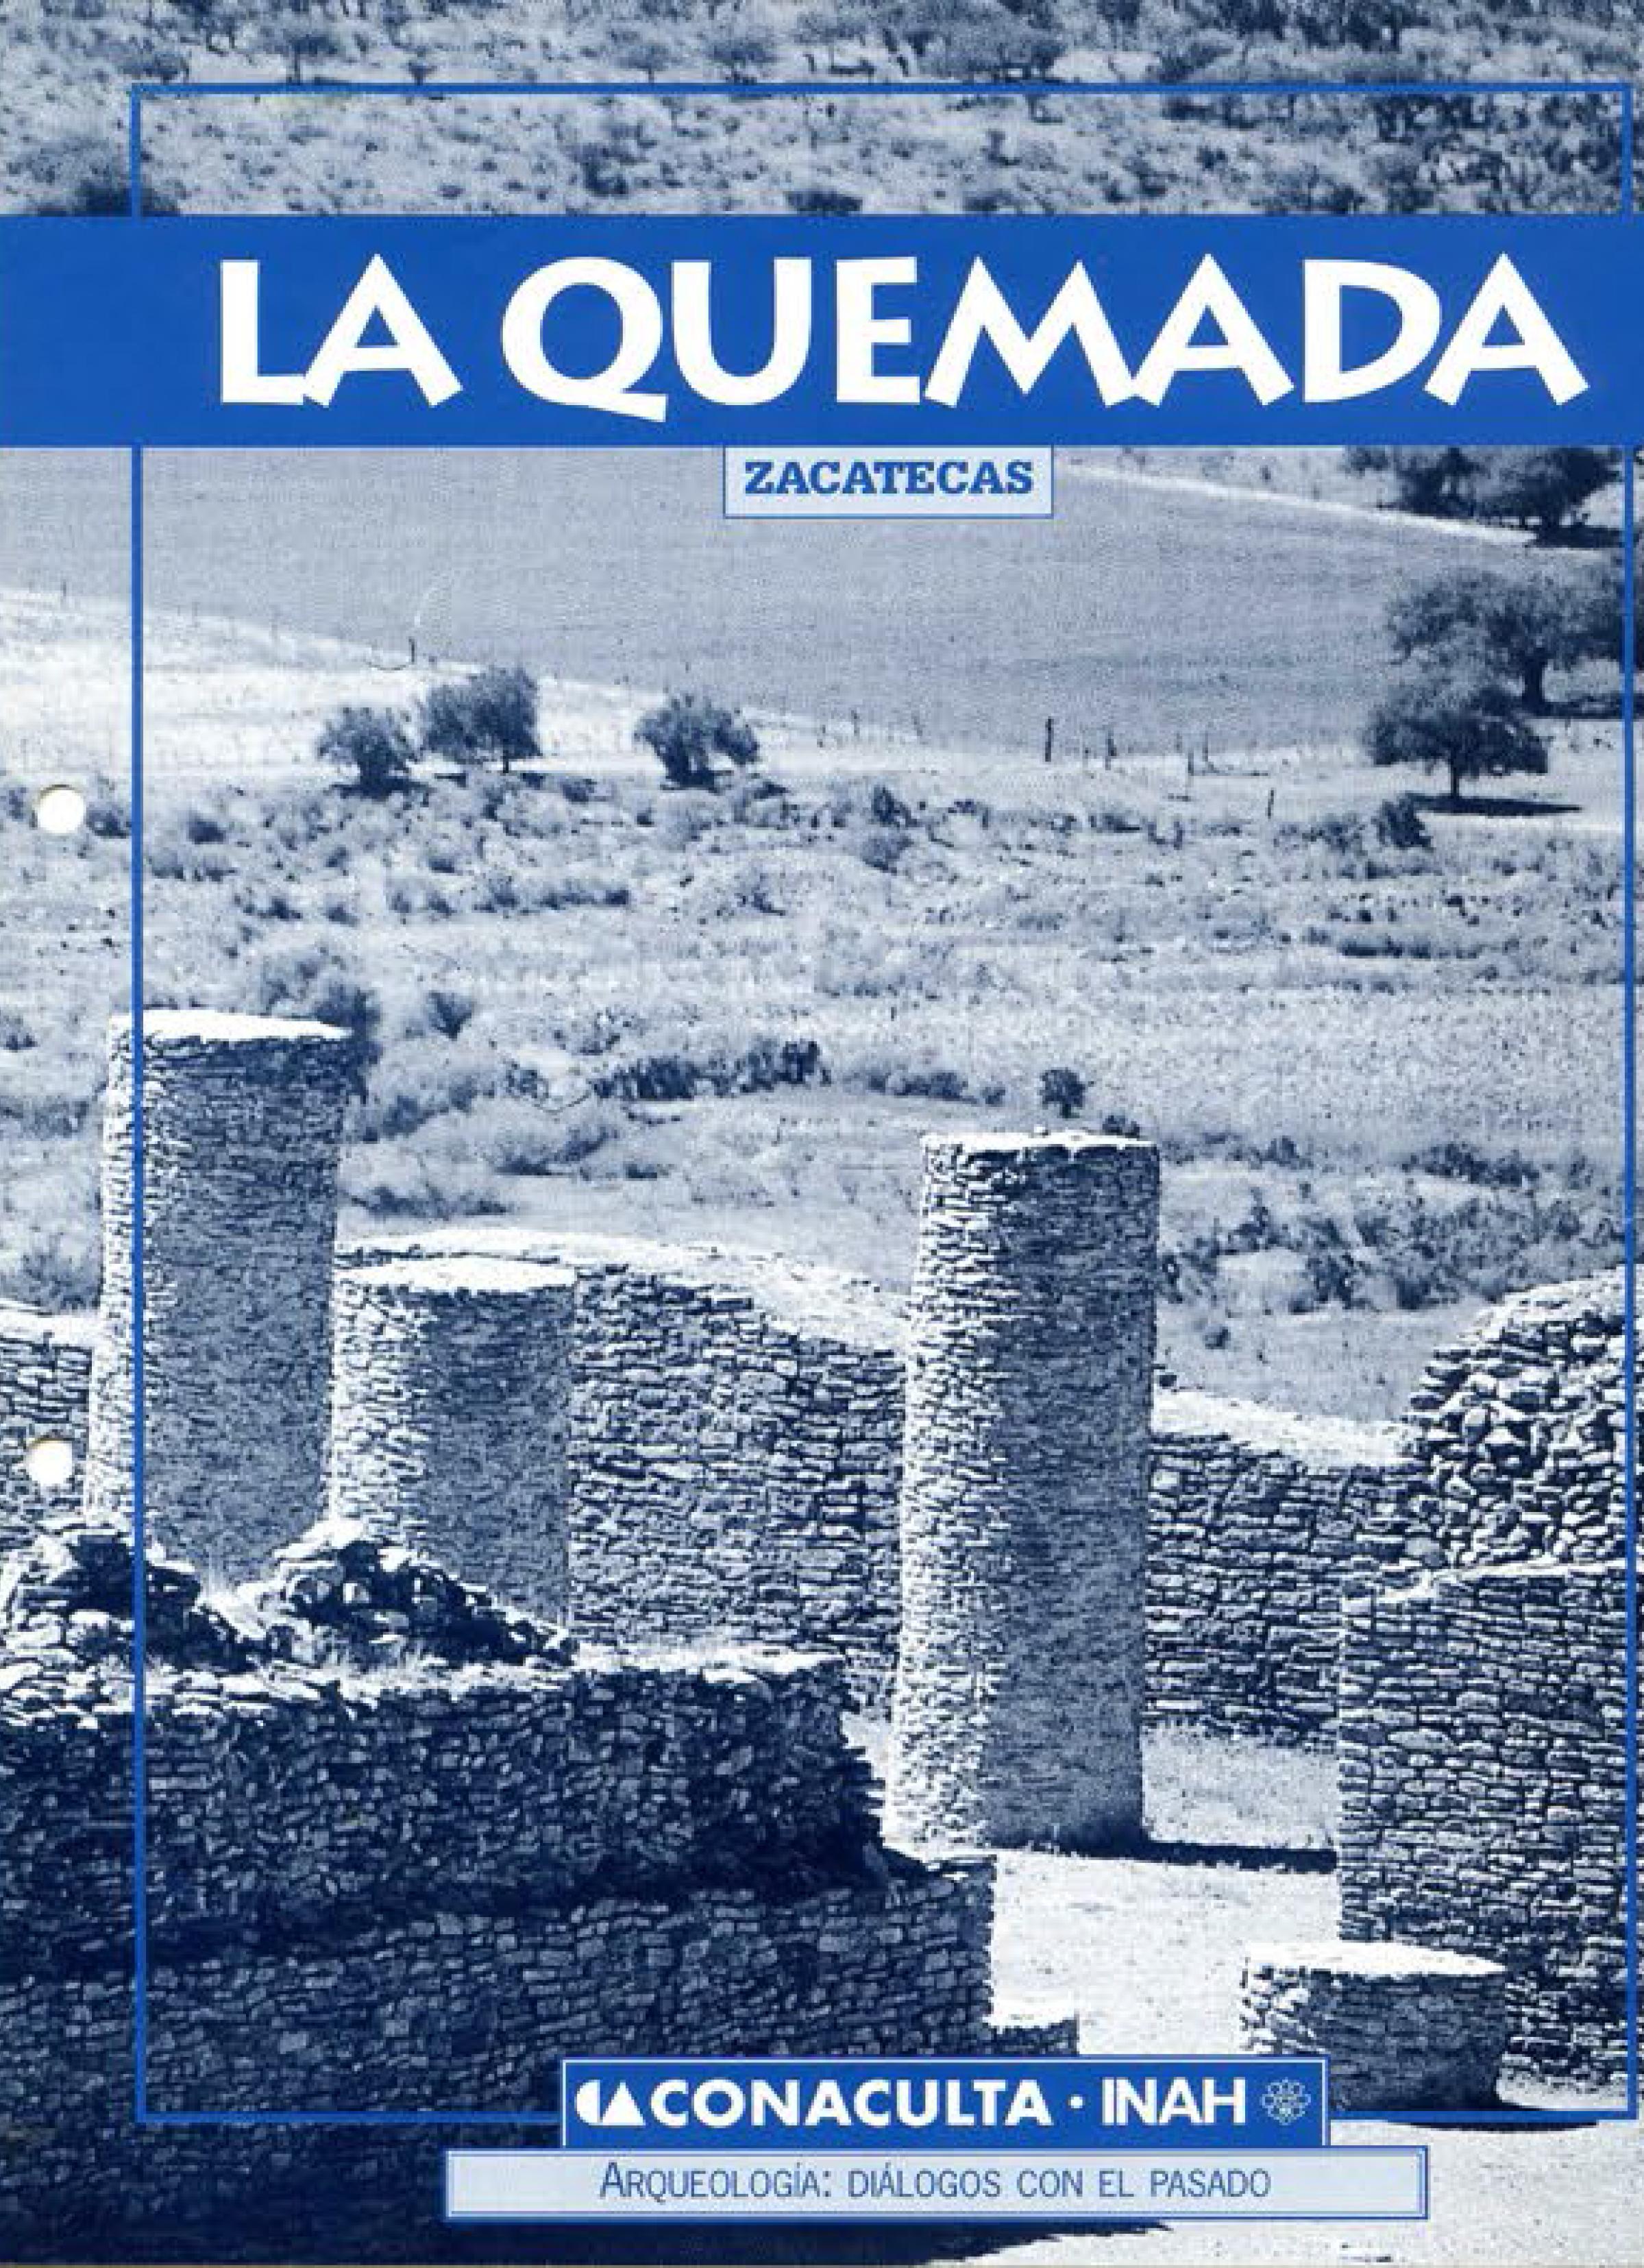 La Quemada